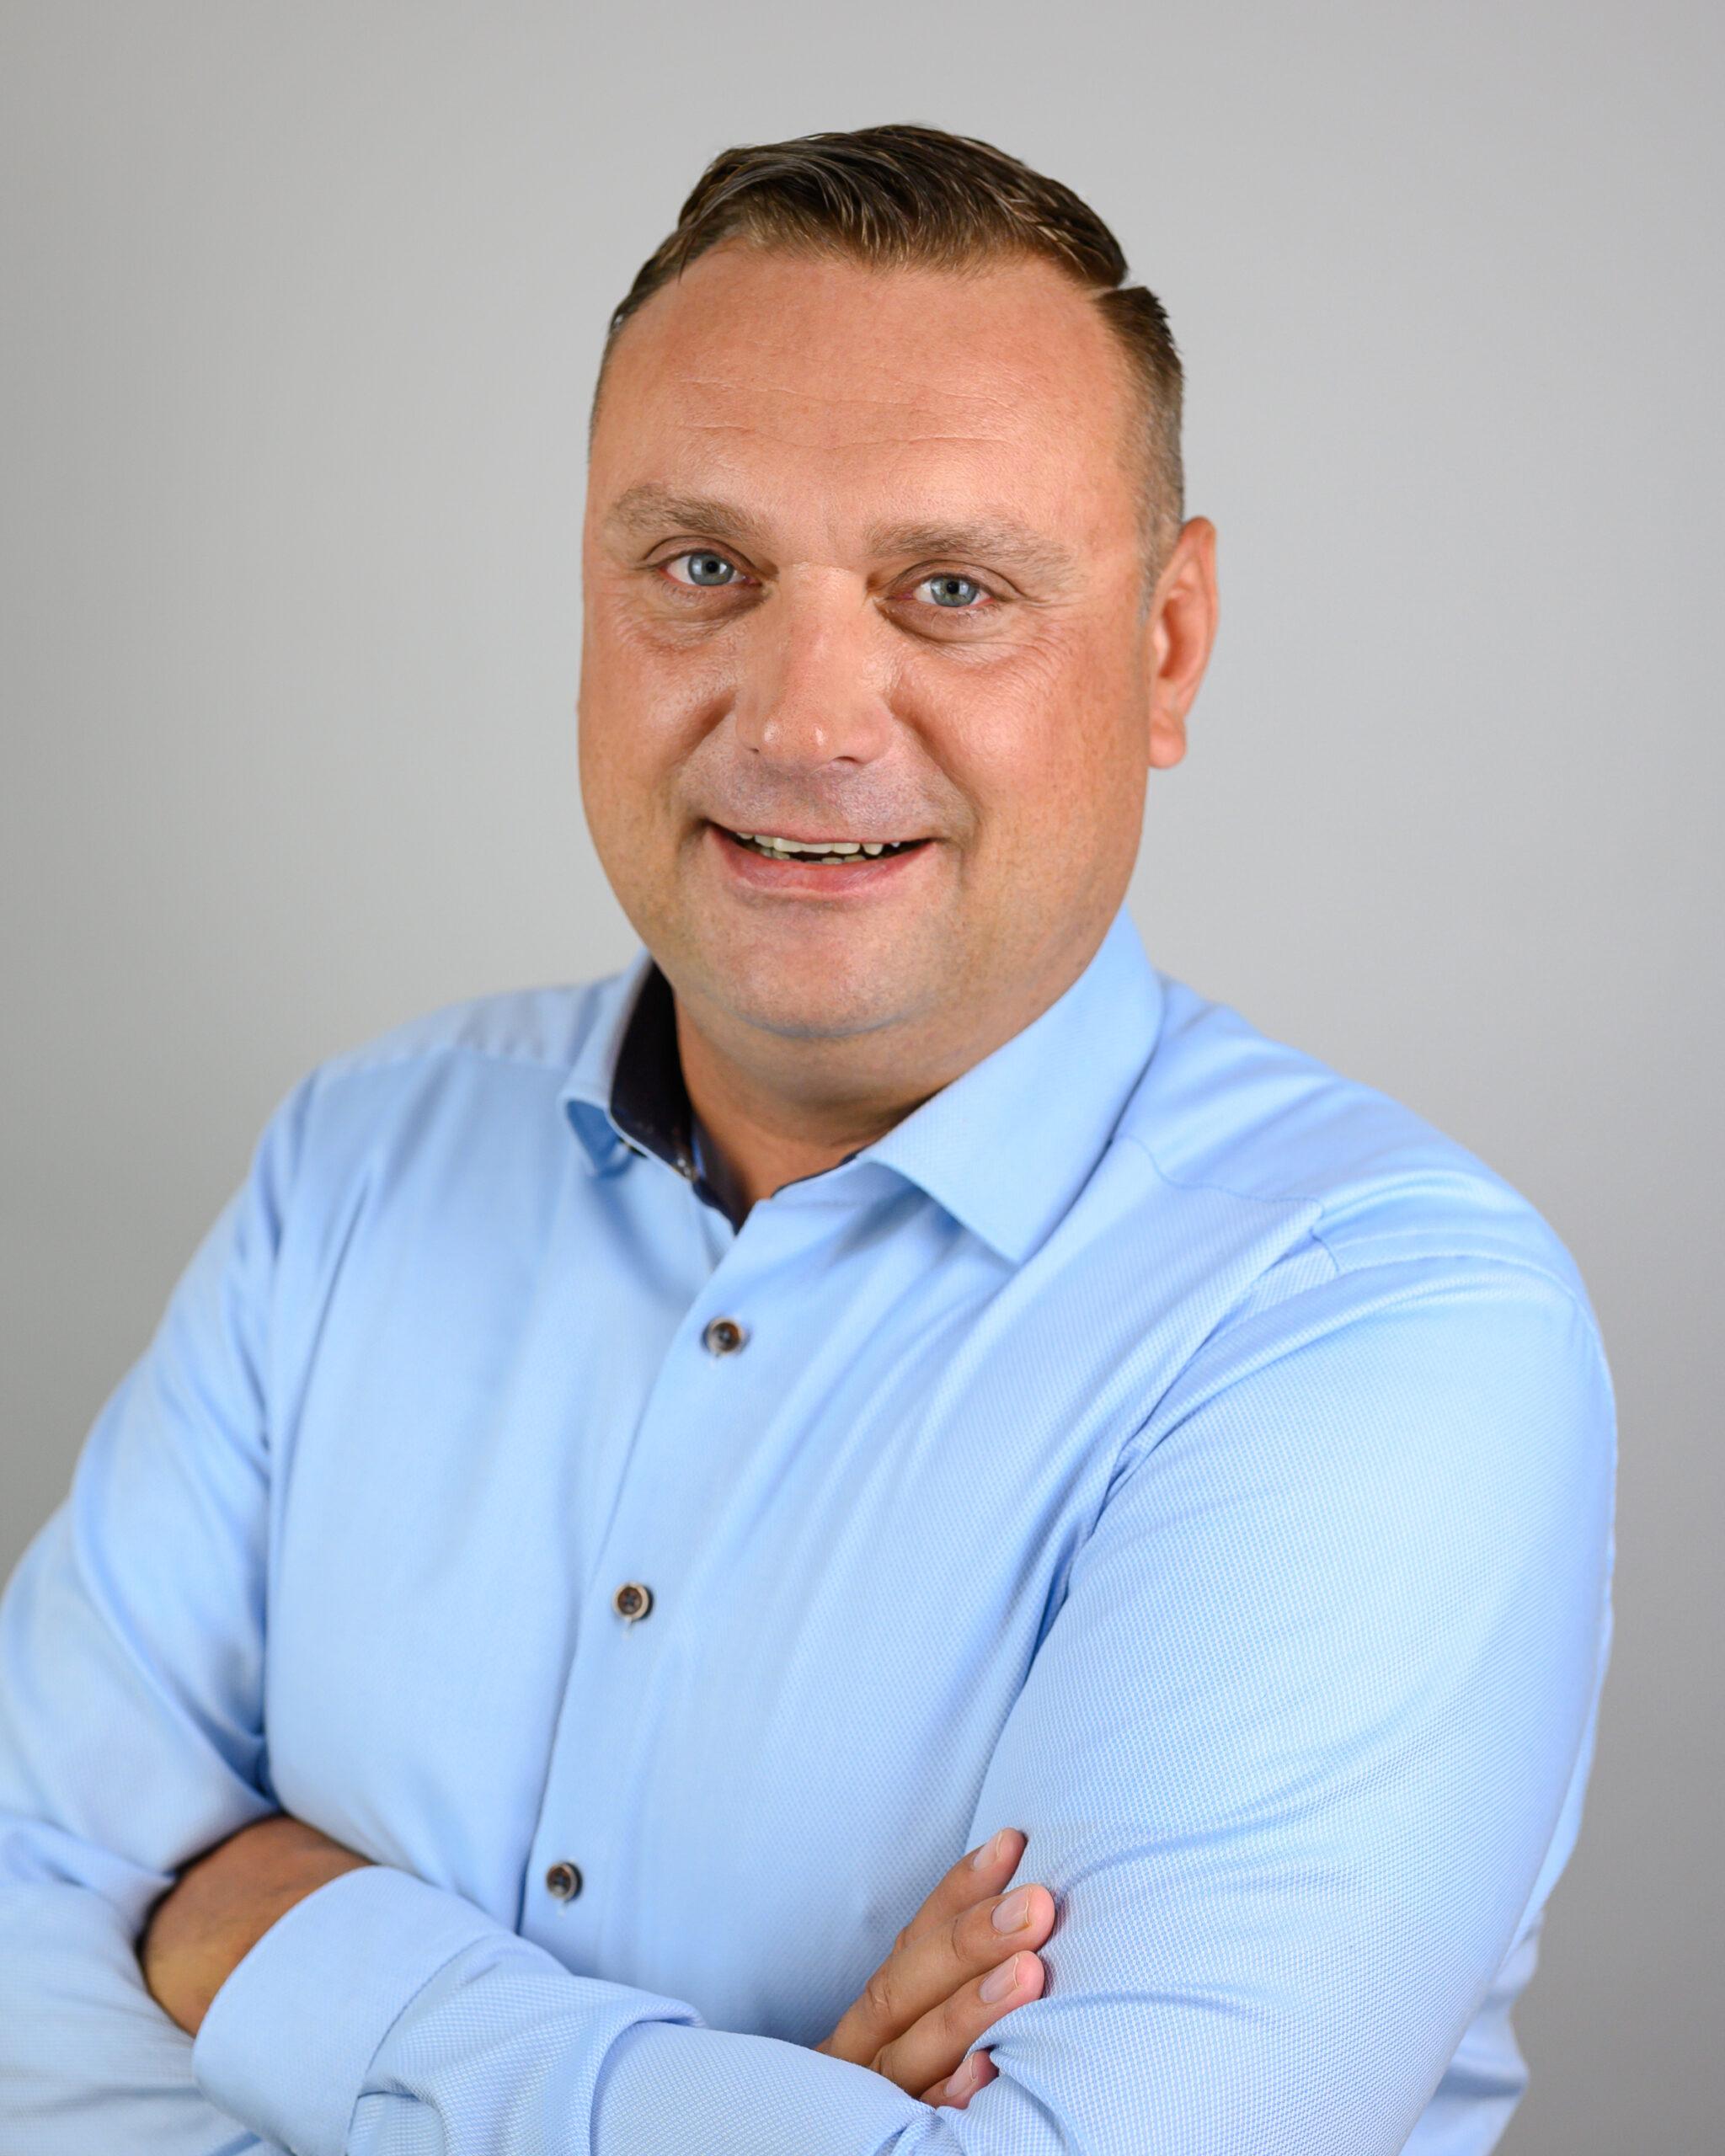 Maxim Hentsch